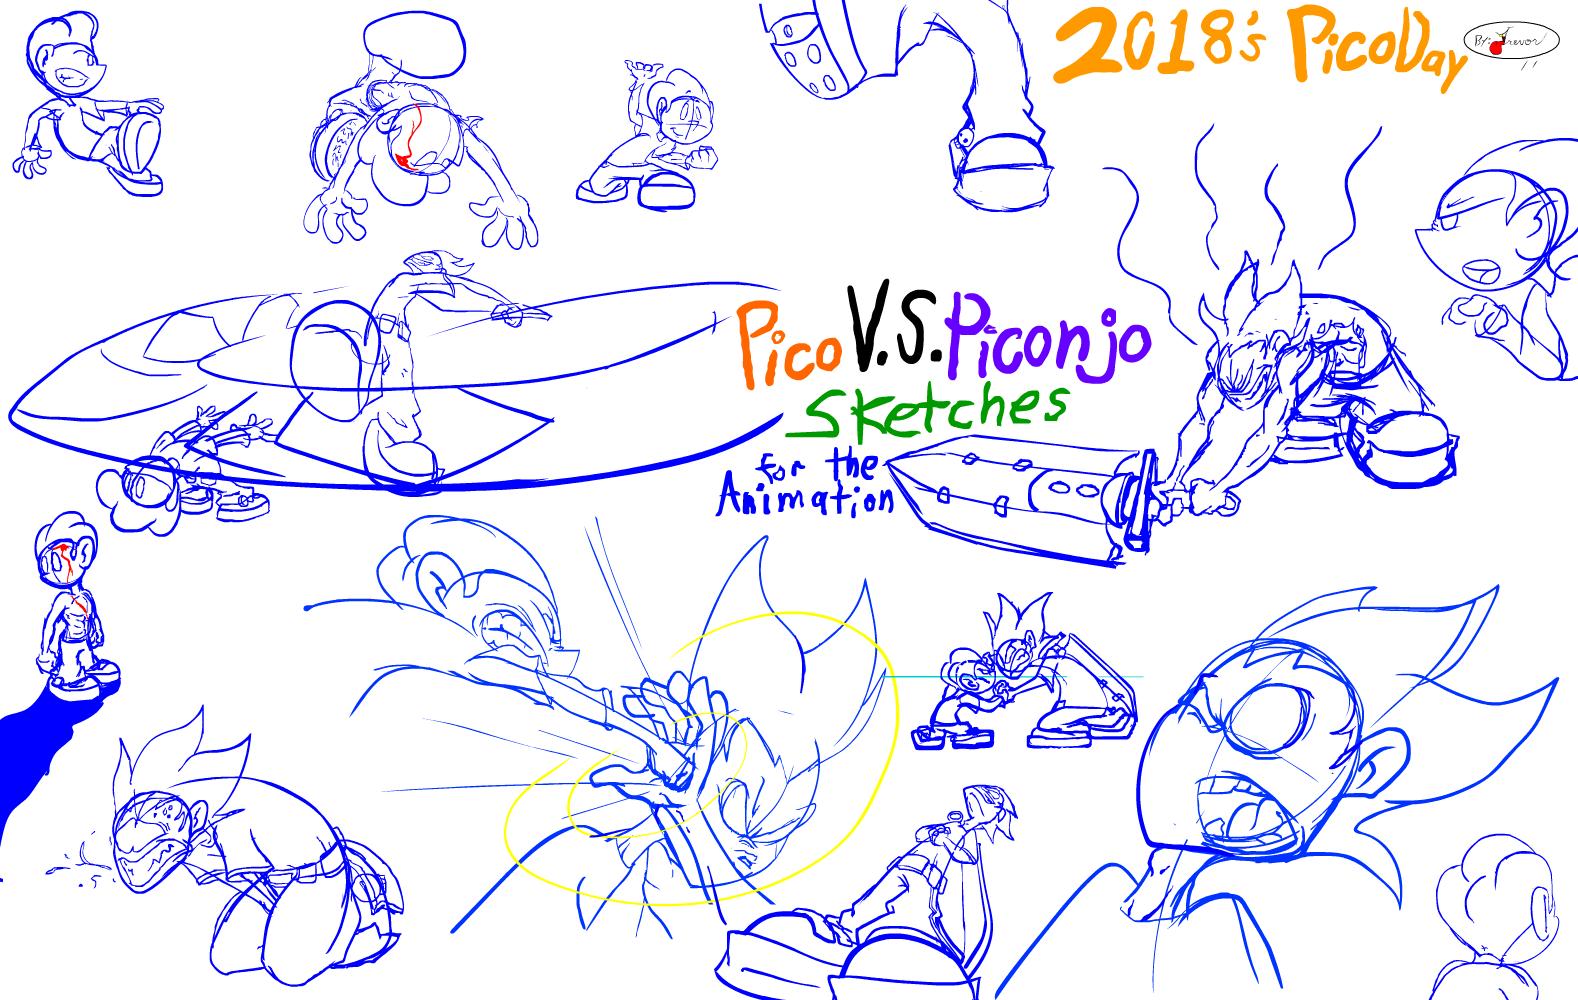 Pico V.S. Piconjo animation sketchs